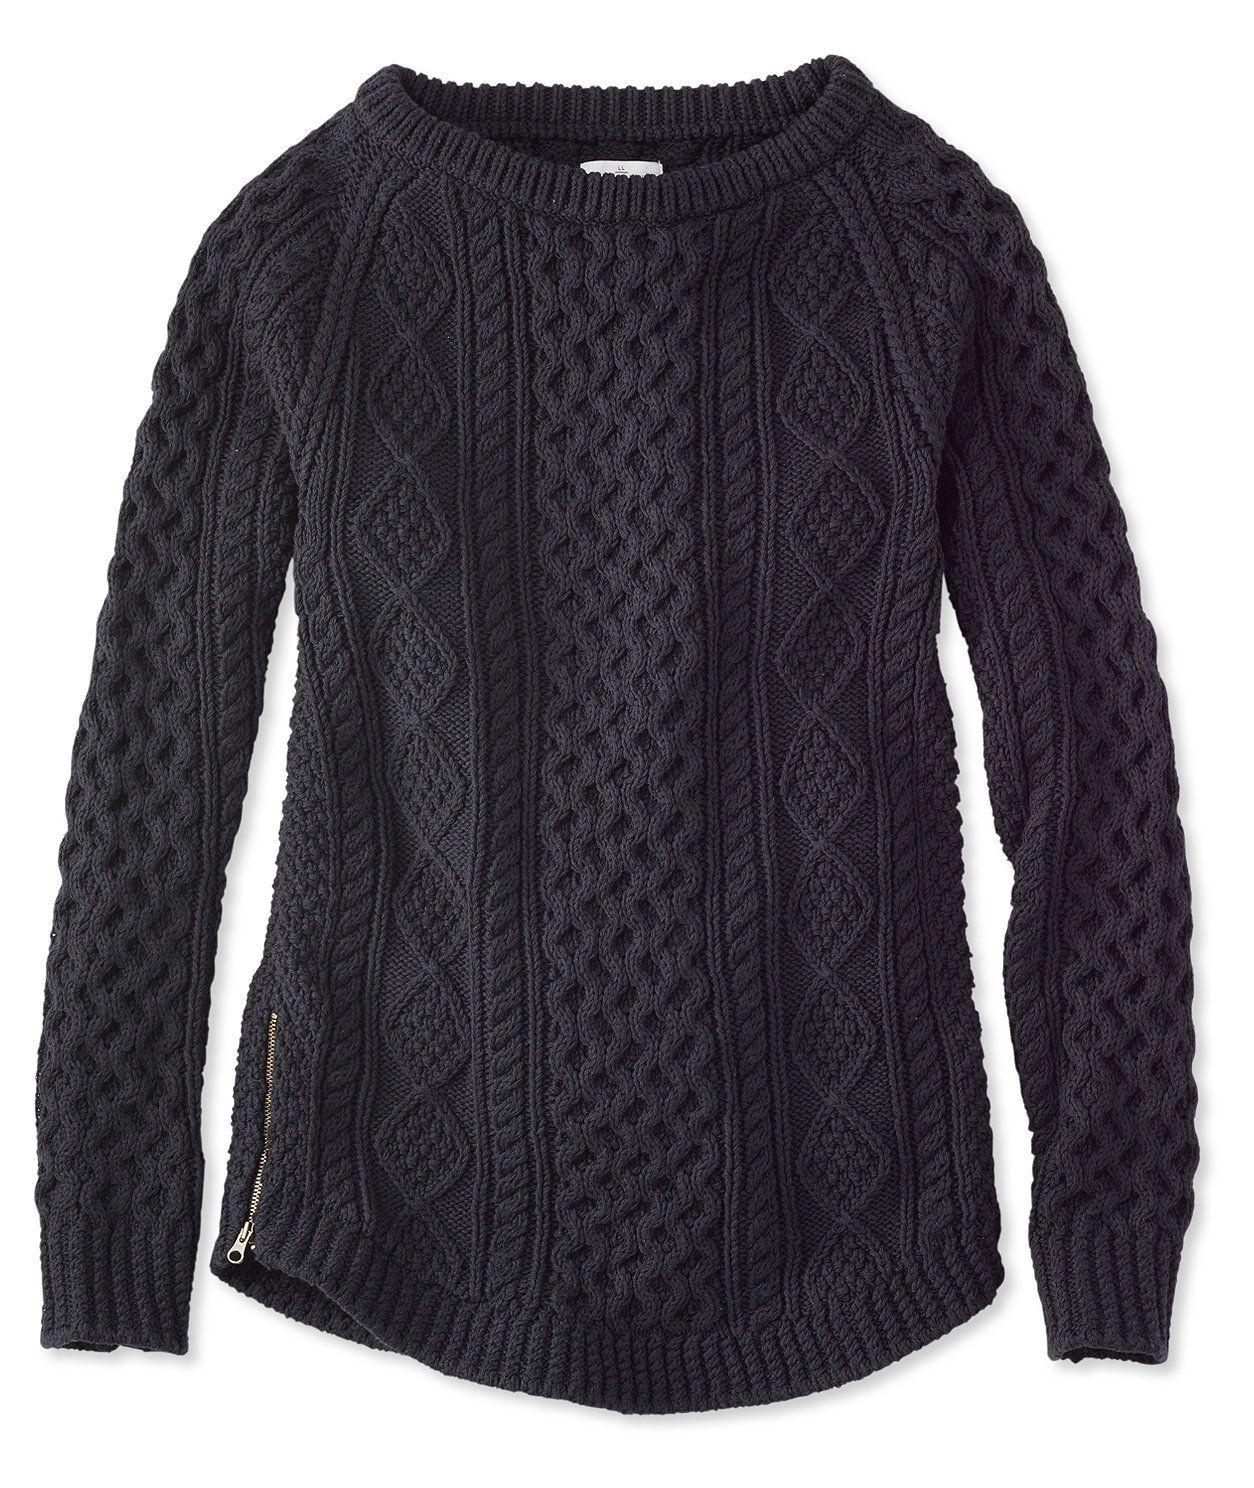 Signature Cotton Fisherman Tunic Sweater | WOMEN'S FALL FASHIONS ...